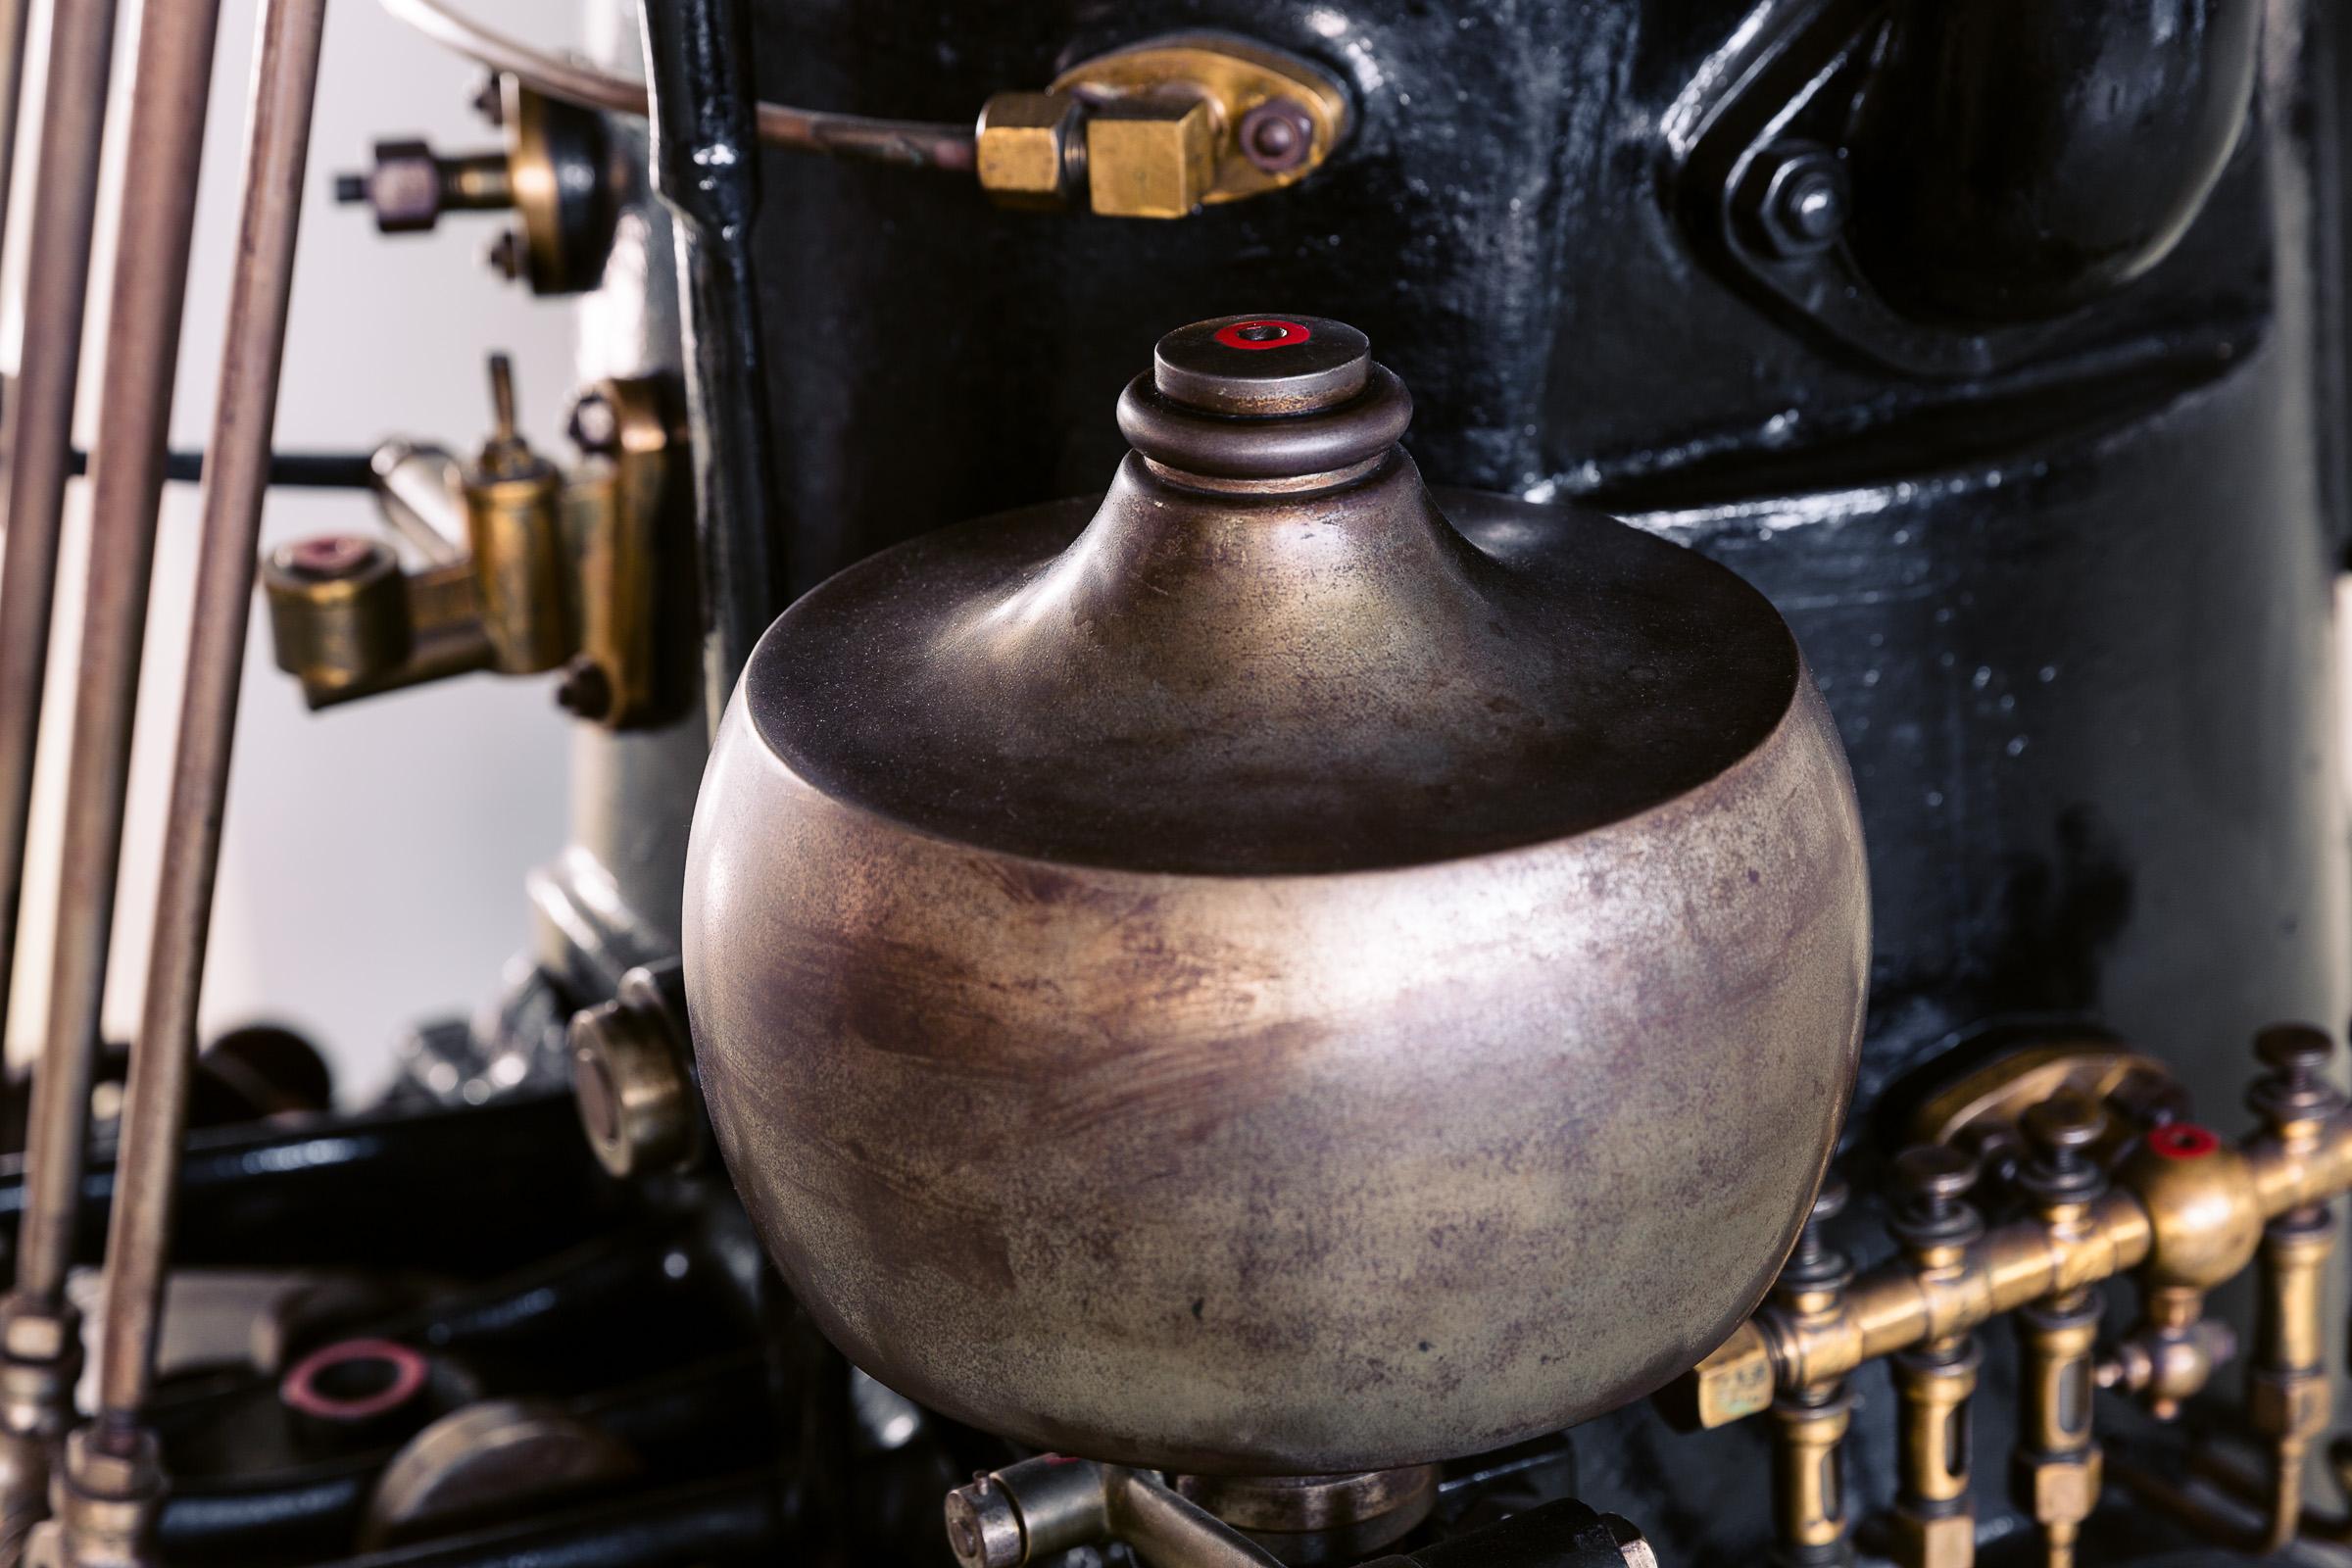 deutz historische motoren by rose time